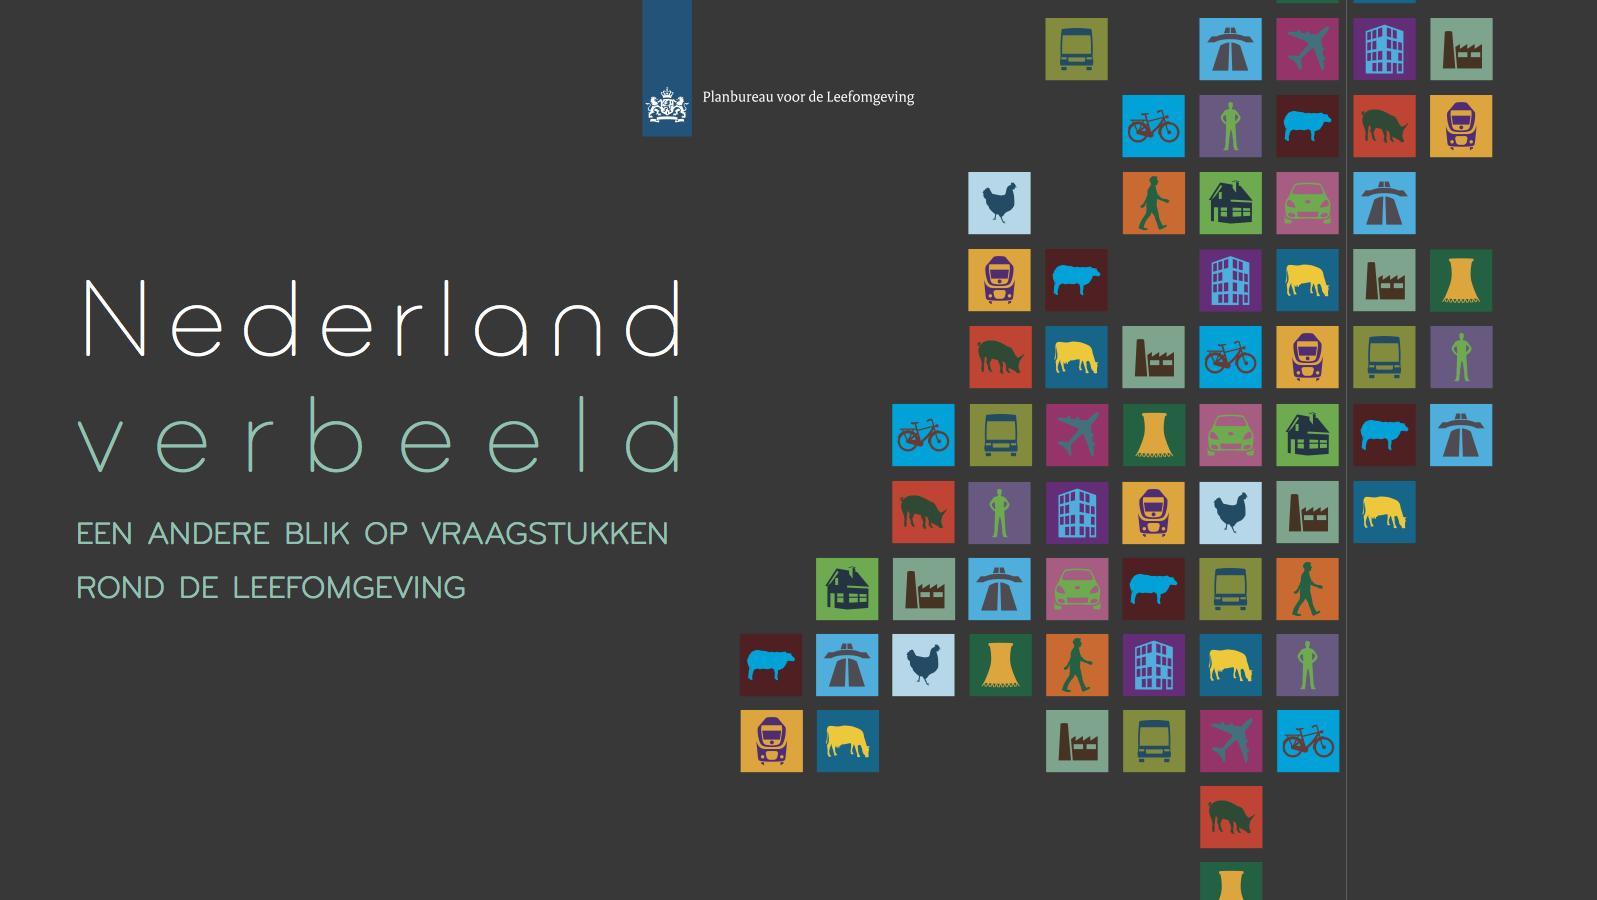 Нидерланды в картинках